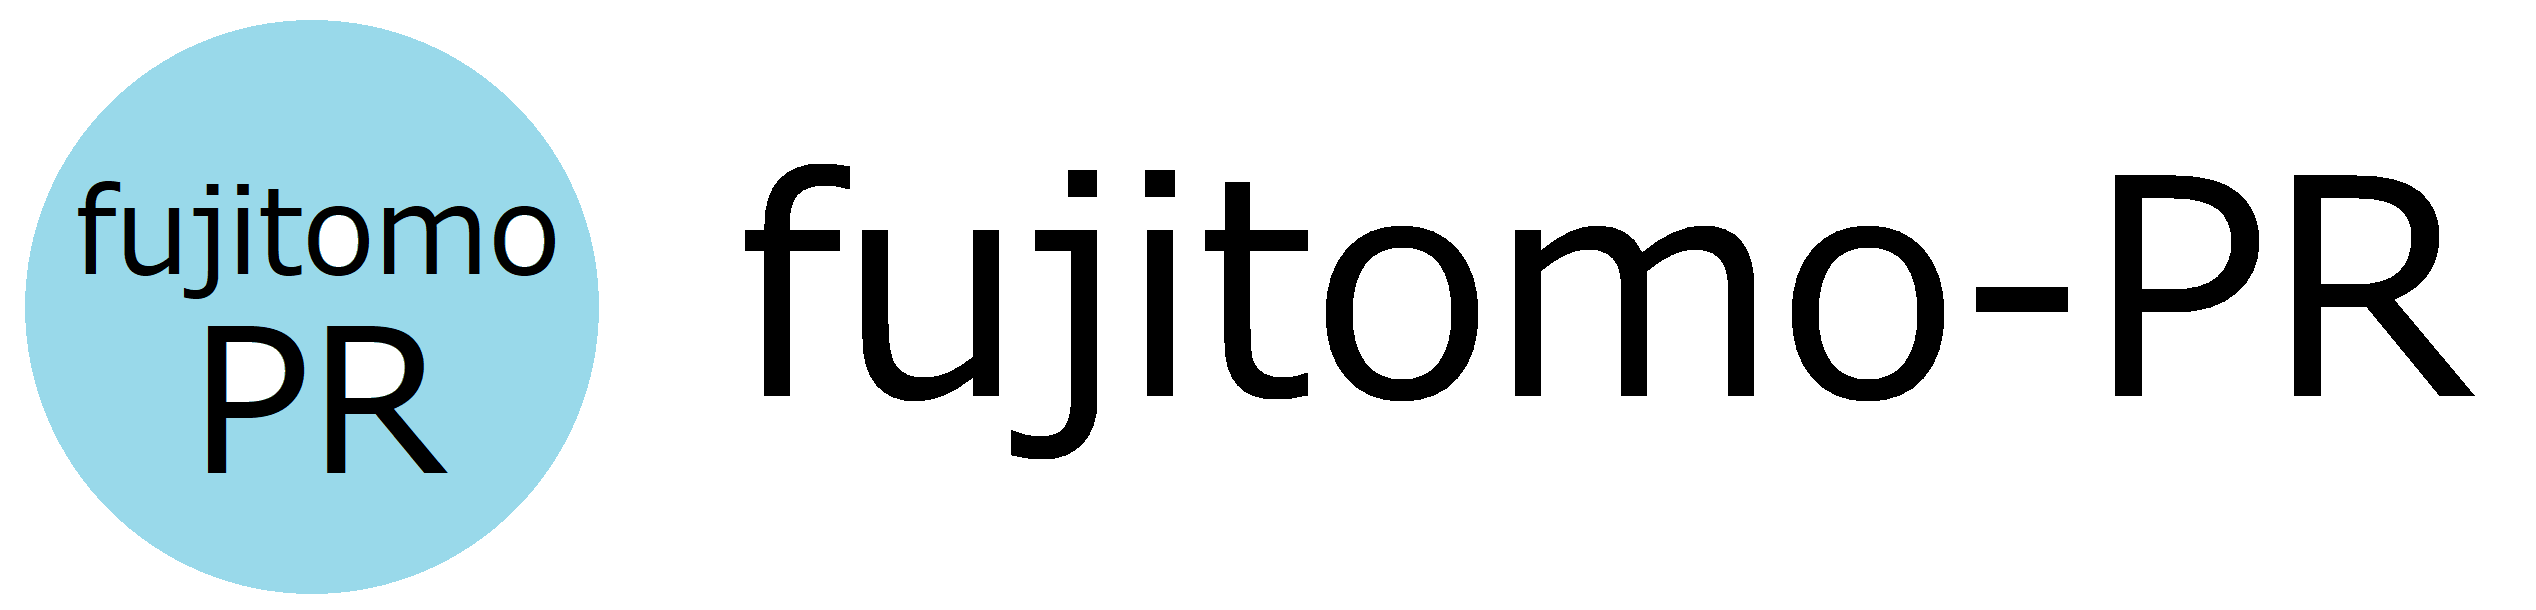 fujitomo-PR